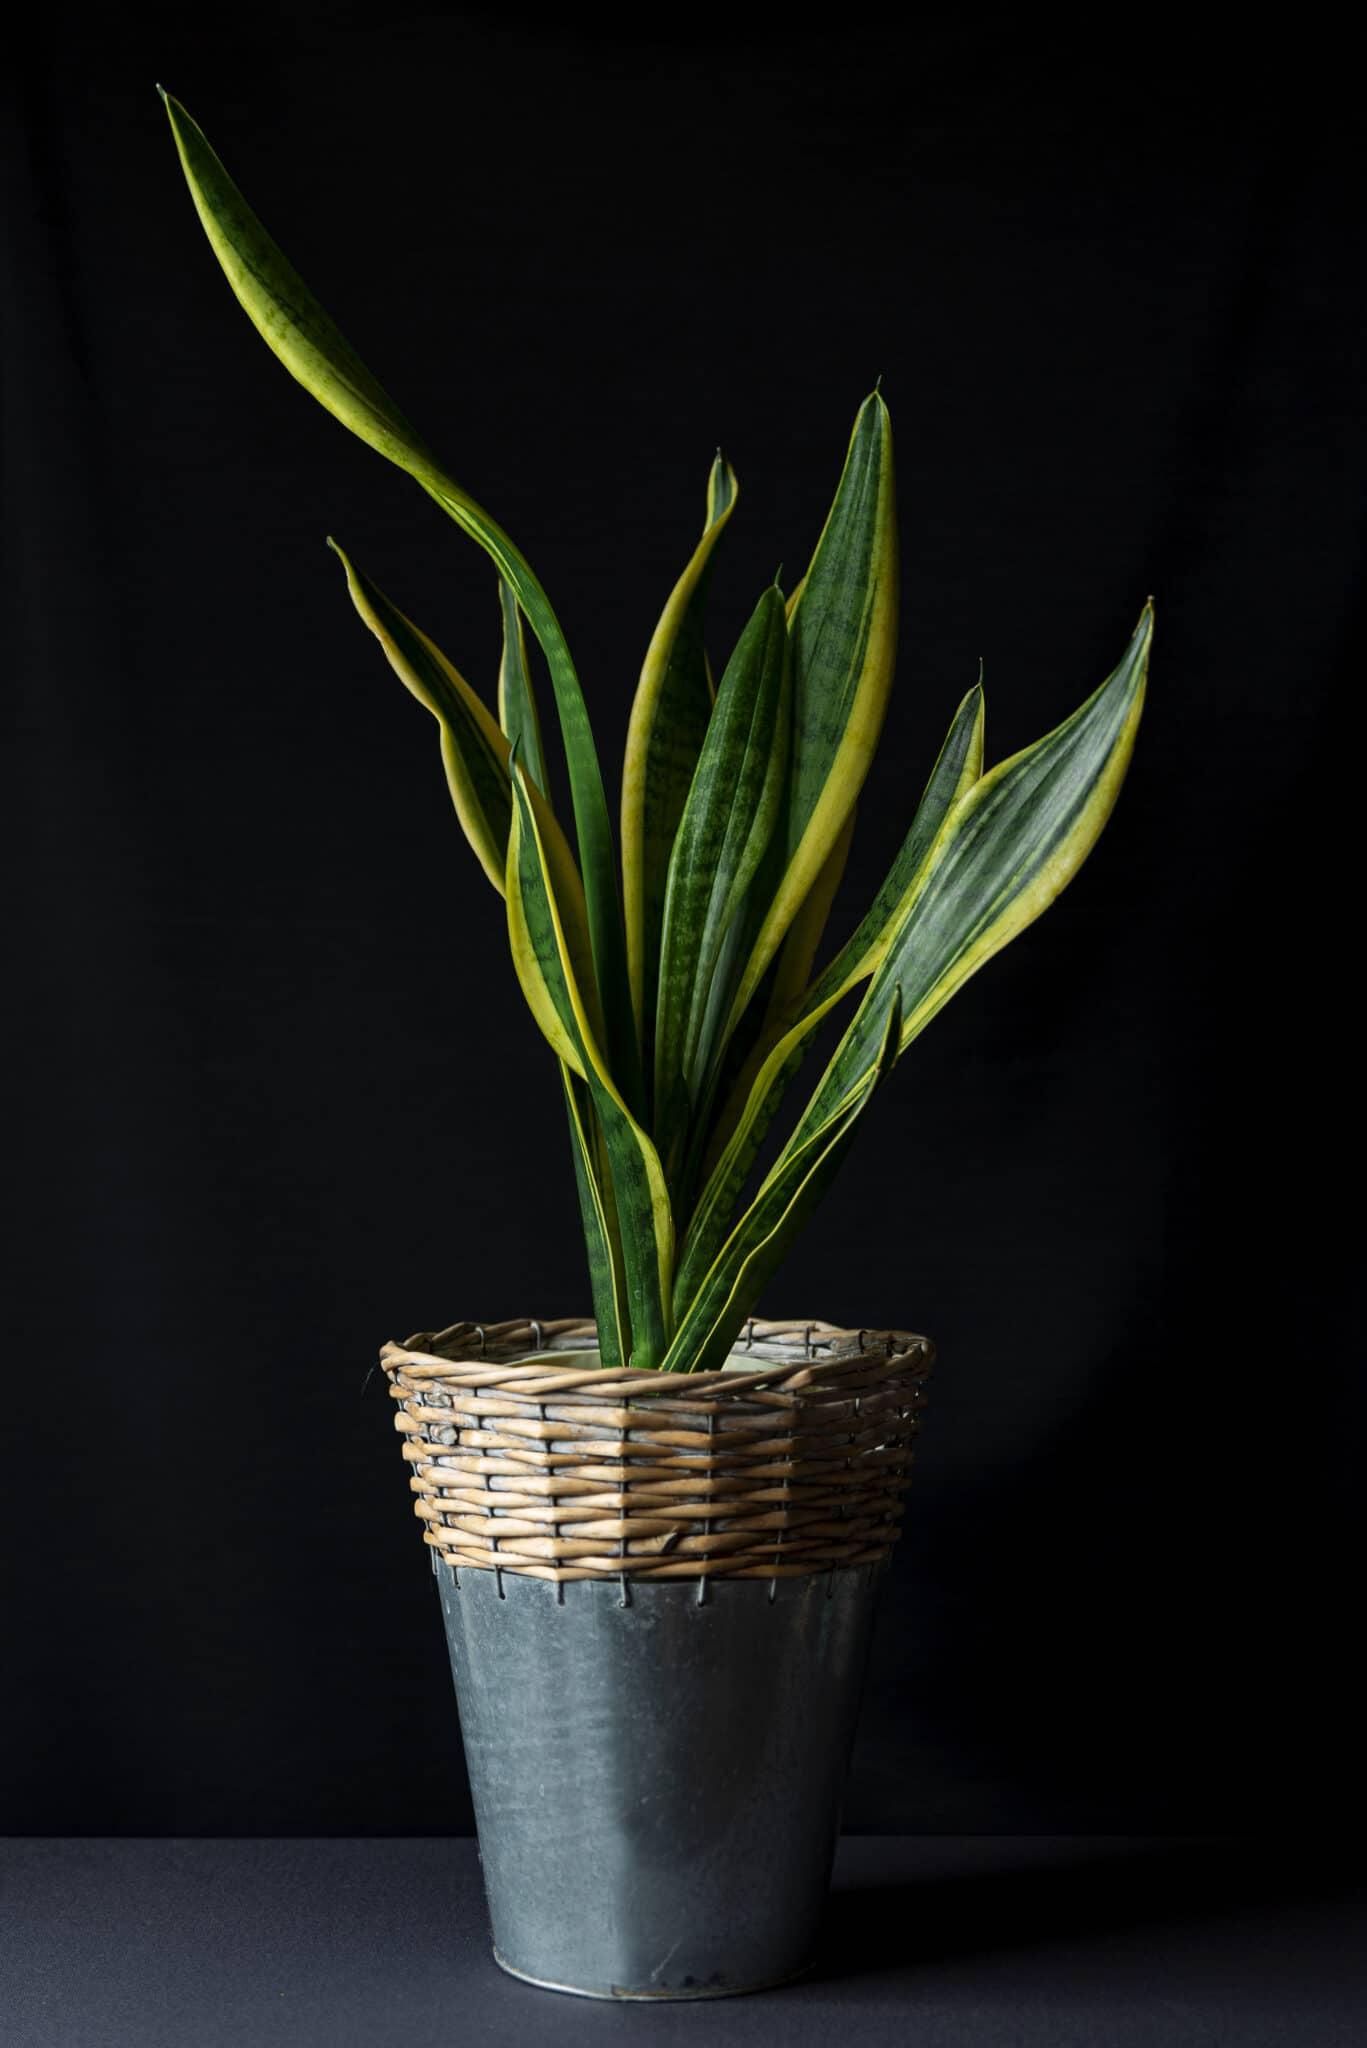 A dimly-lit snake plant.